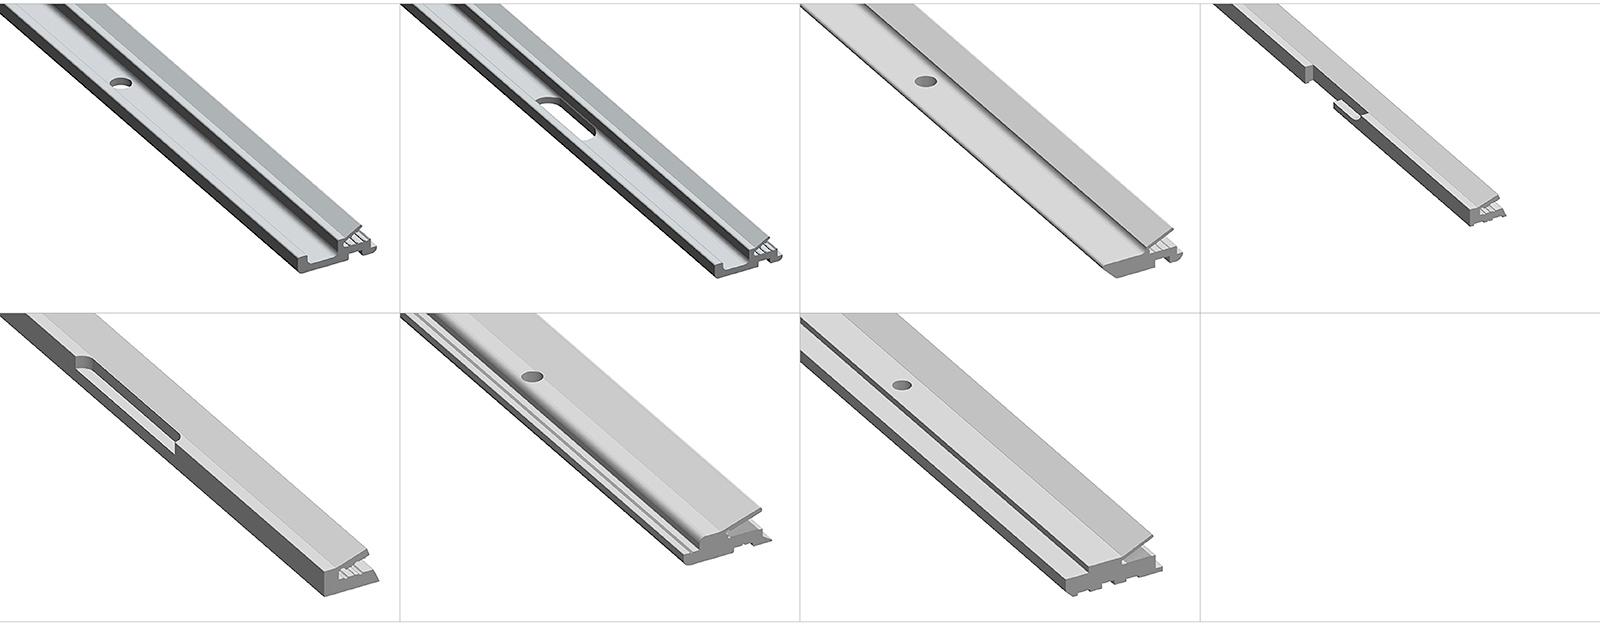 Barre Speciali Alluminio Scarioni Printing Systems